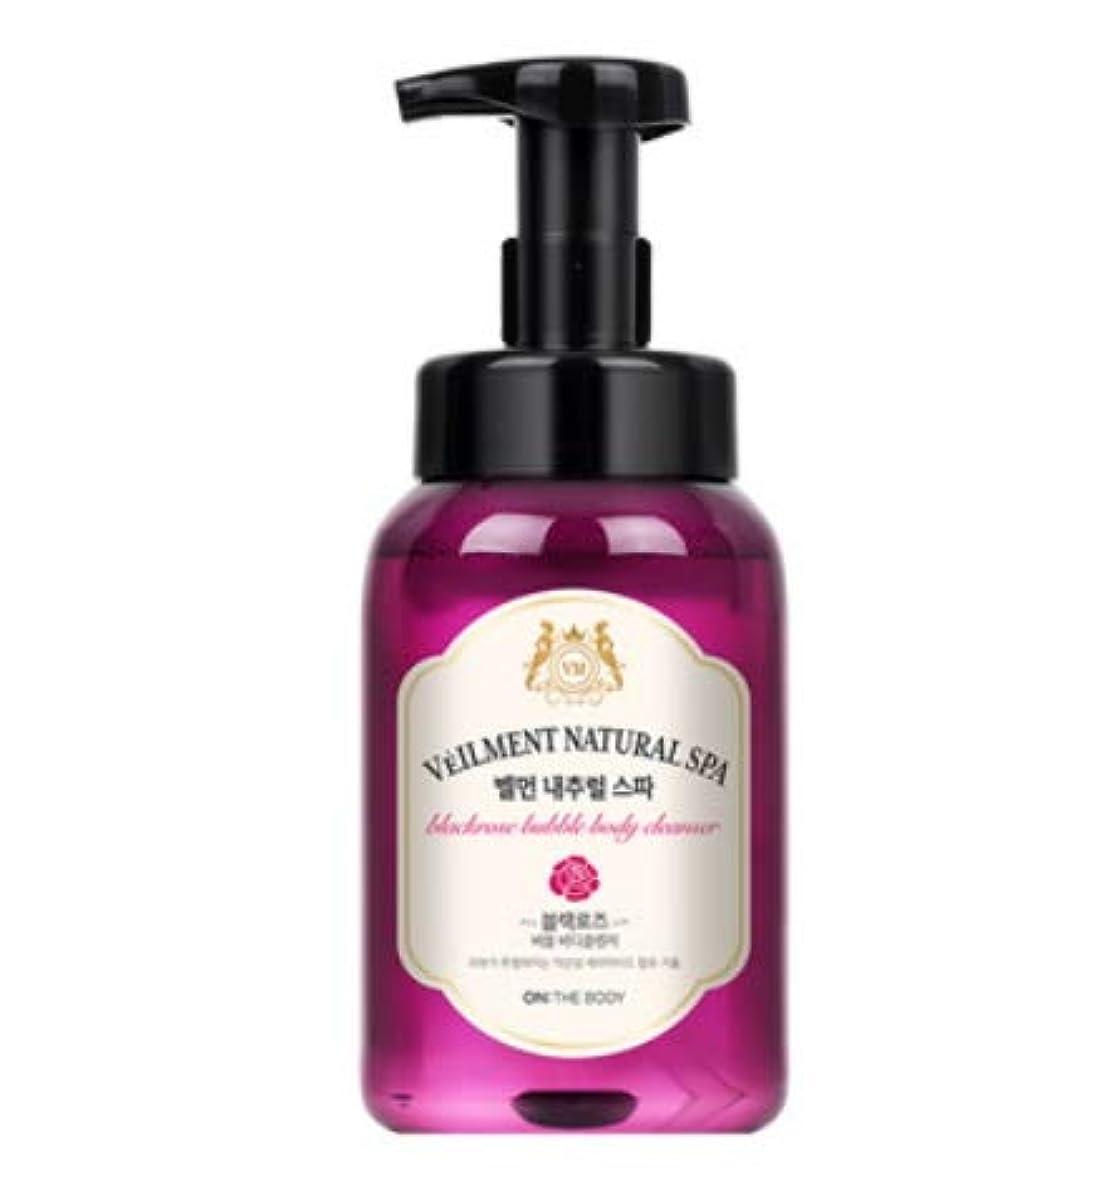 旅行郊外亜熱帯[LG HnB] On the Body Belman Natural Spa Bubble Body Cleanser/オンザボディベルモンナチュラルスパバブルボディクレンザー 500ml x2個(海外直送品)